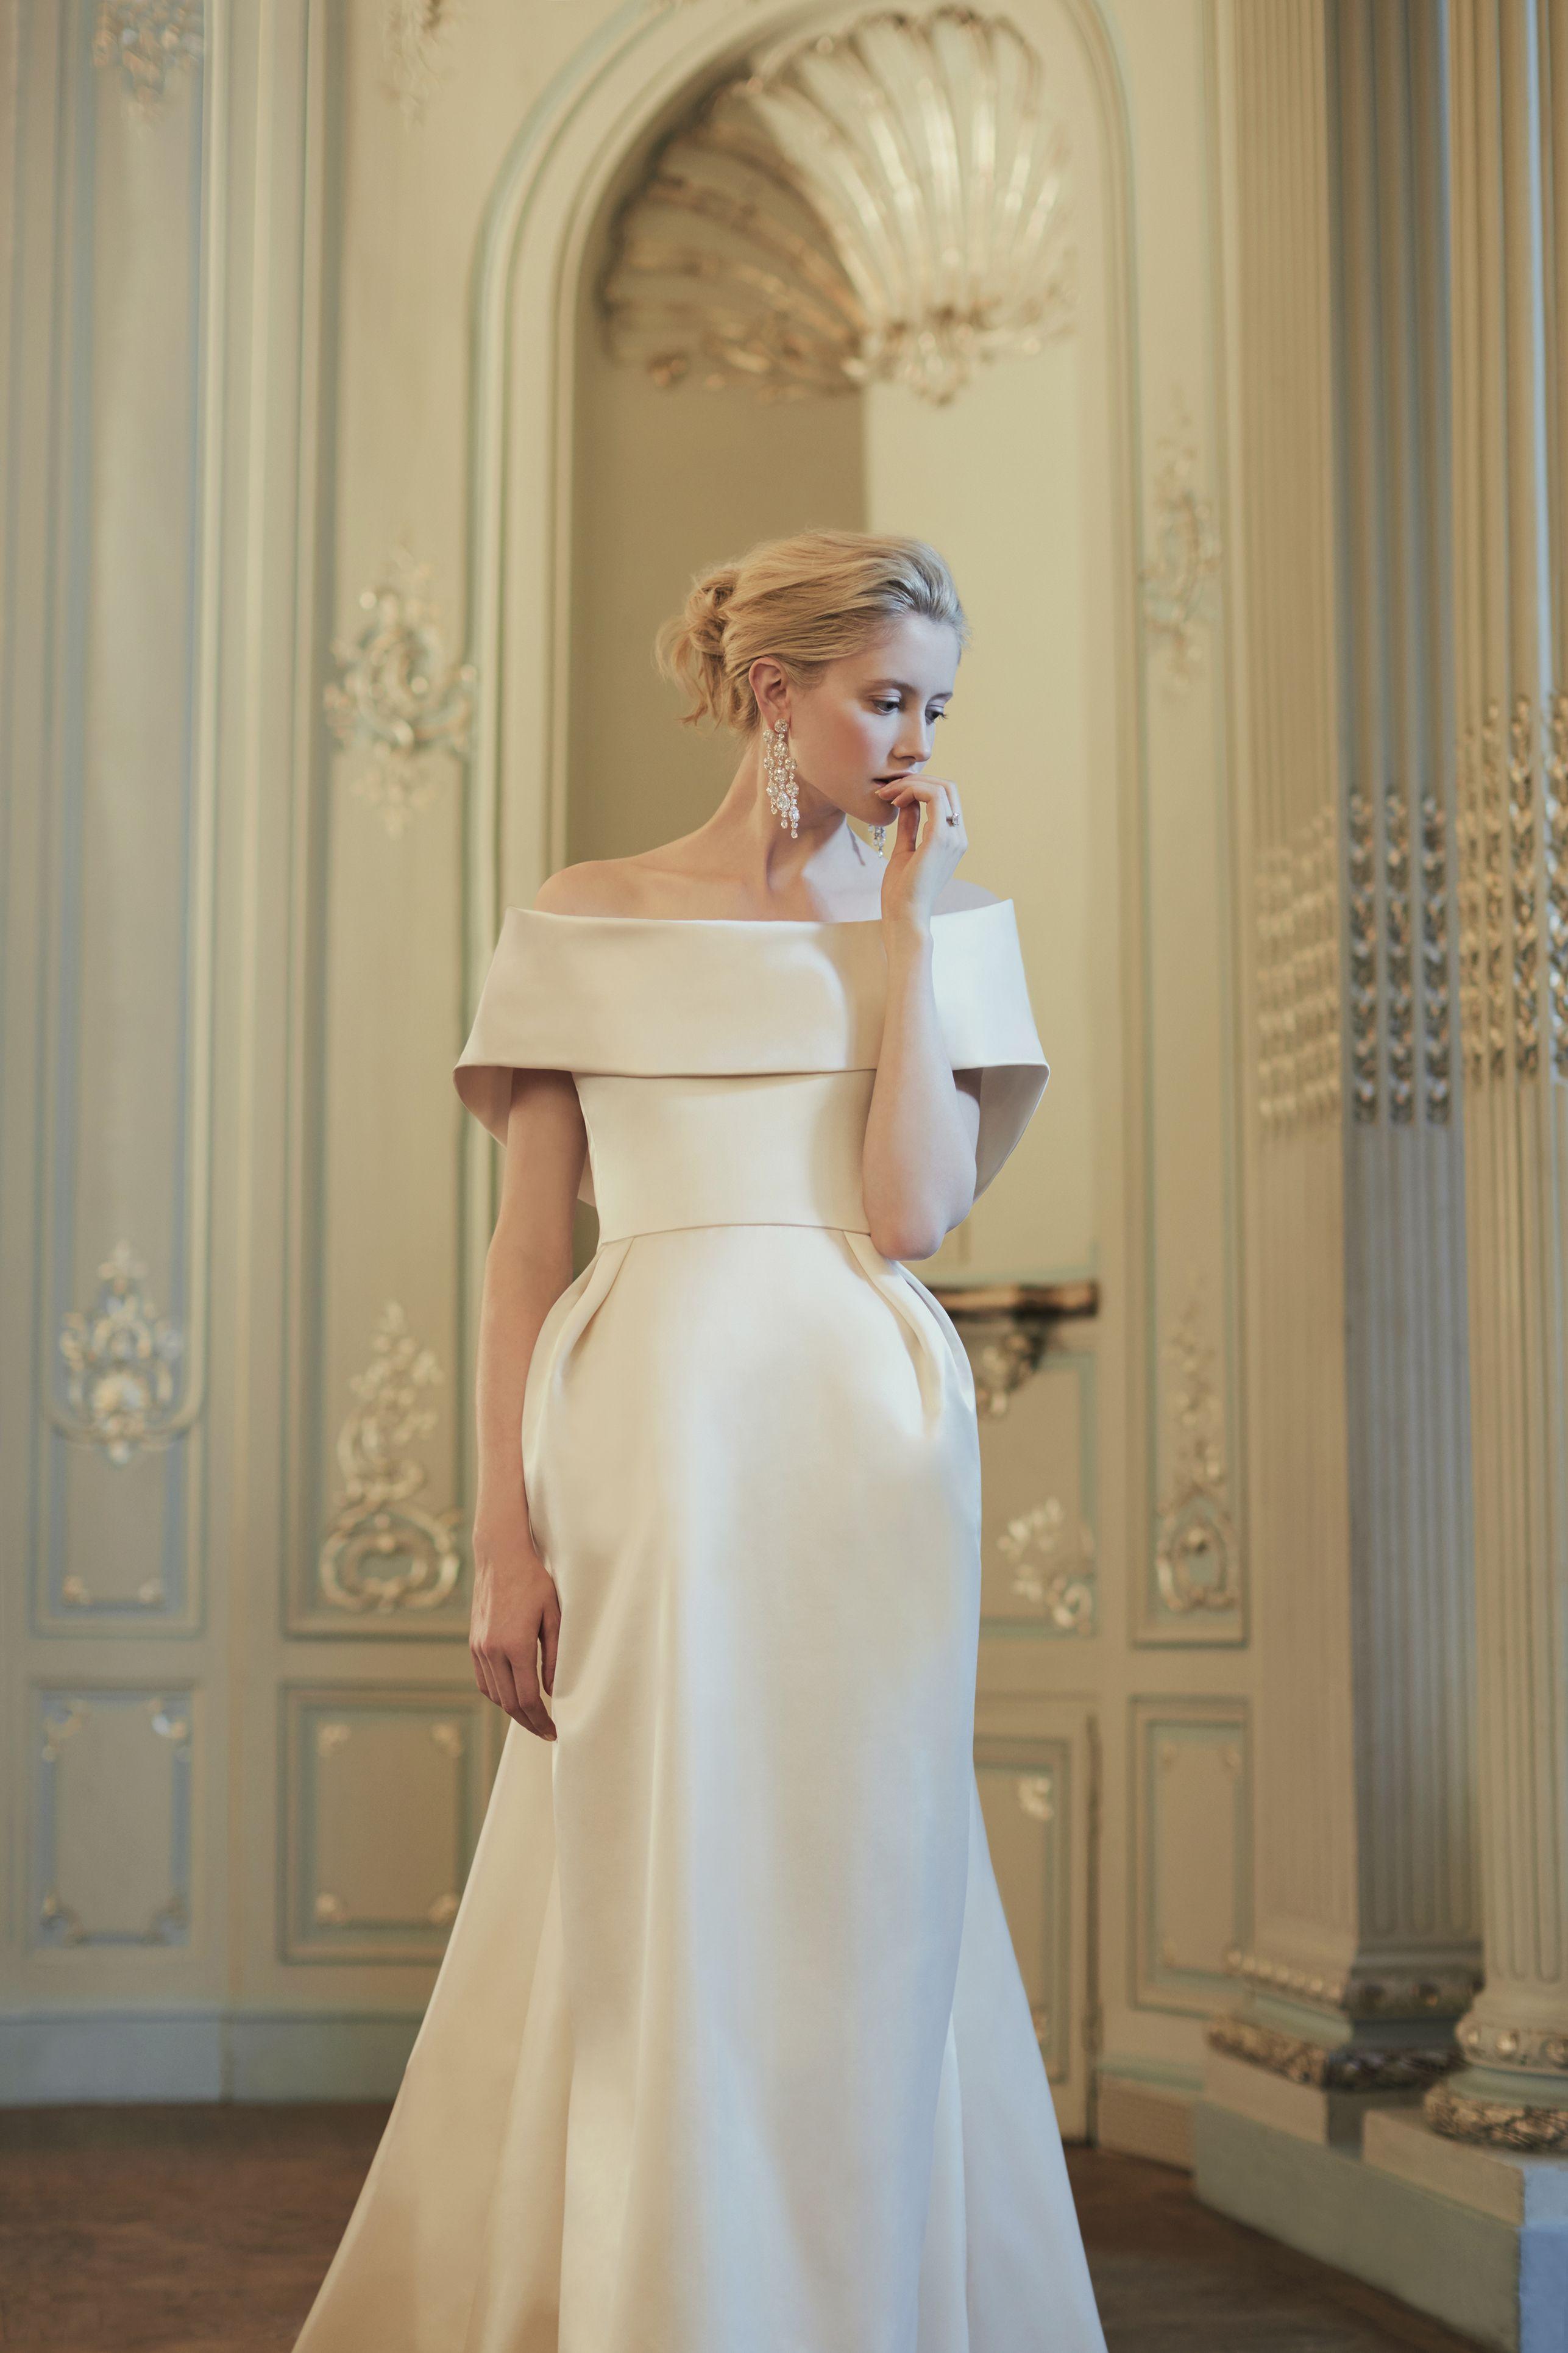 Couture Wedding Dress Sabrina Satin Collar Wedding Dresses Satin Wedding Dress Couture Wedding Dresses London